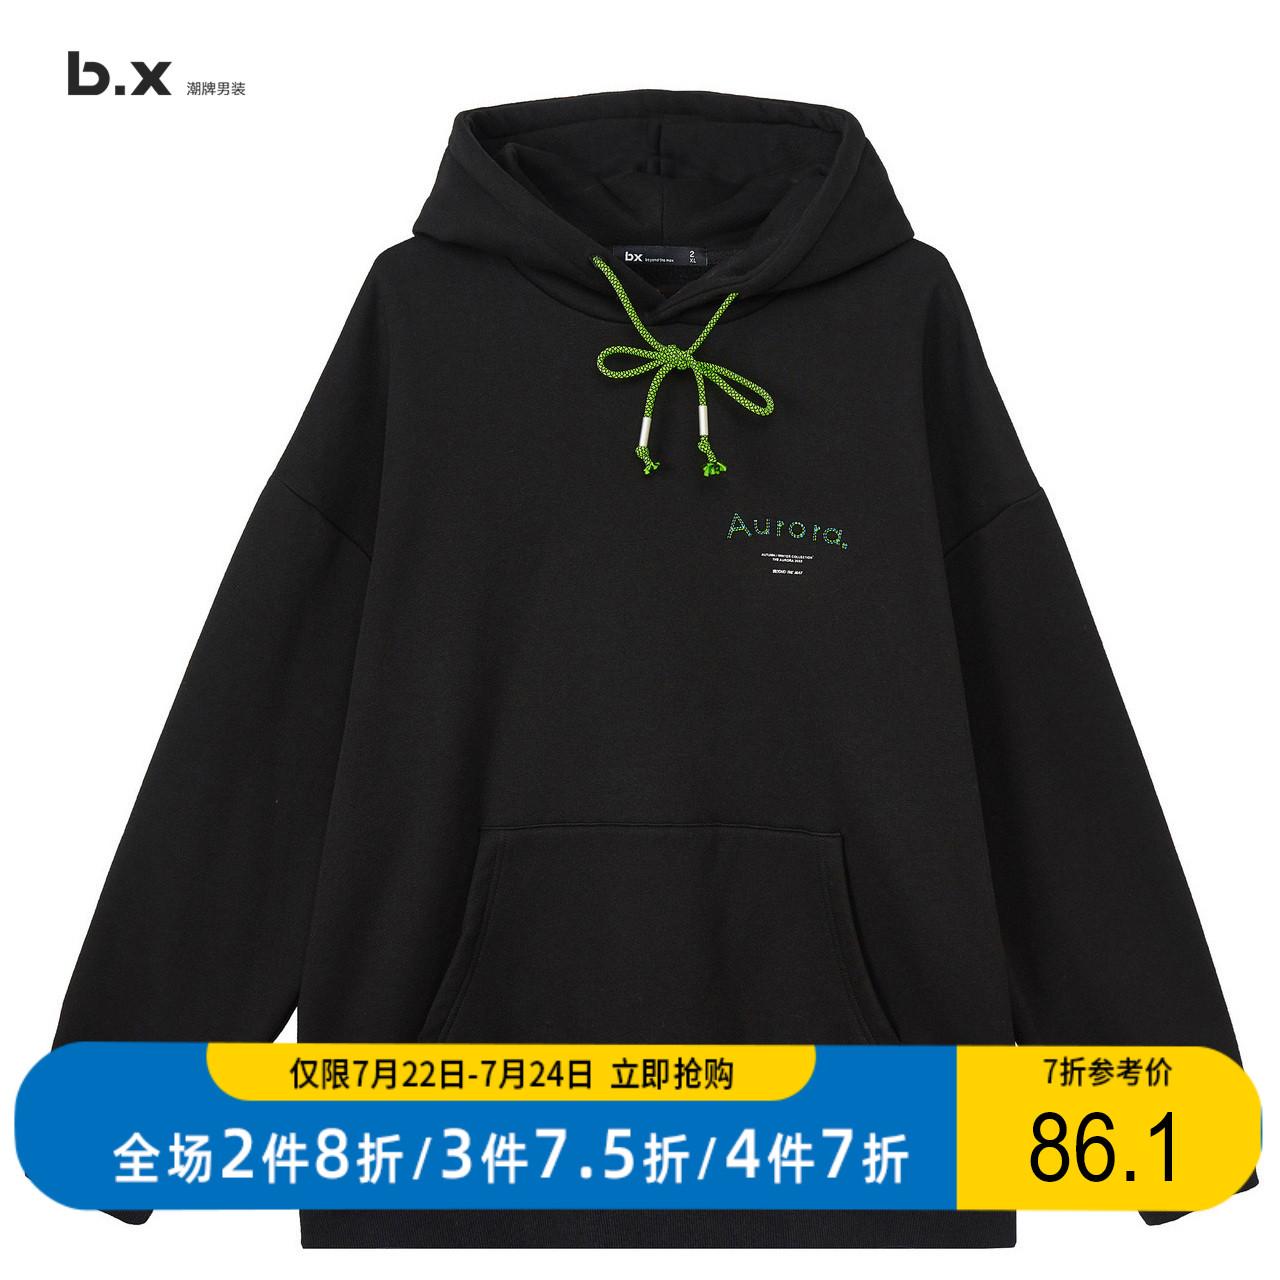 B.X vài chiếc áo hoodie mùa đông phong cách mới cộng với chất béo cộng với xu hướng áo in hình áo len nam chất béo - Áo khoác đôi